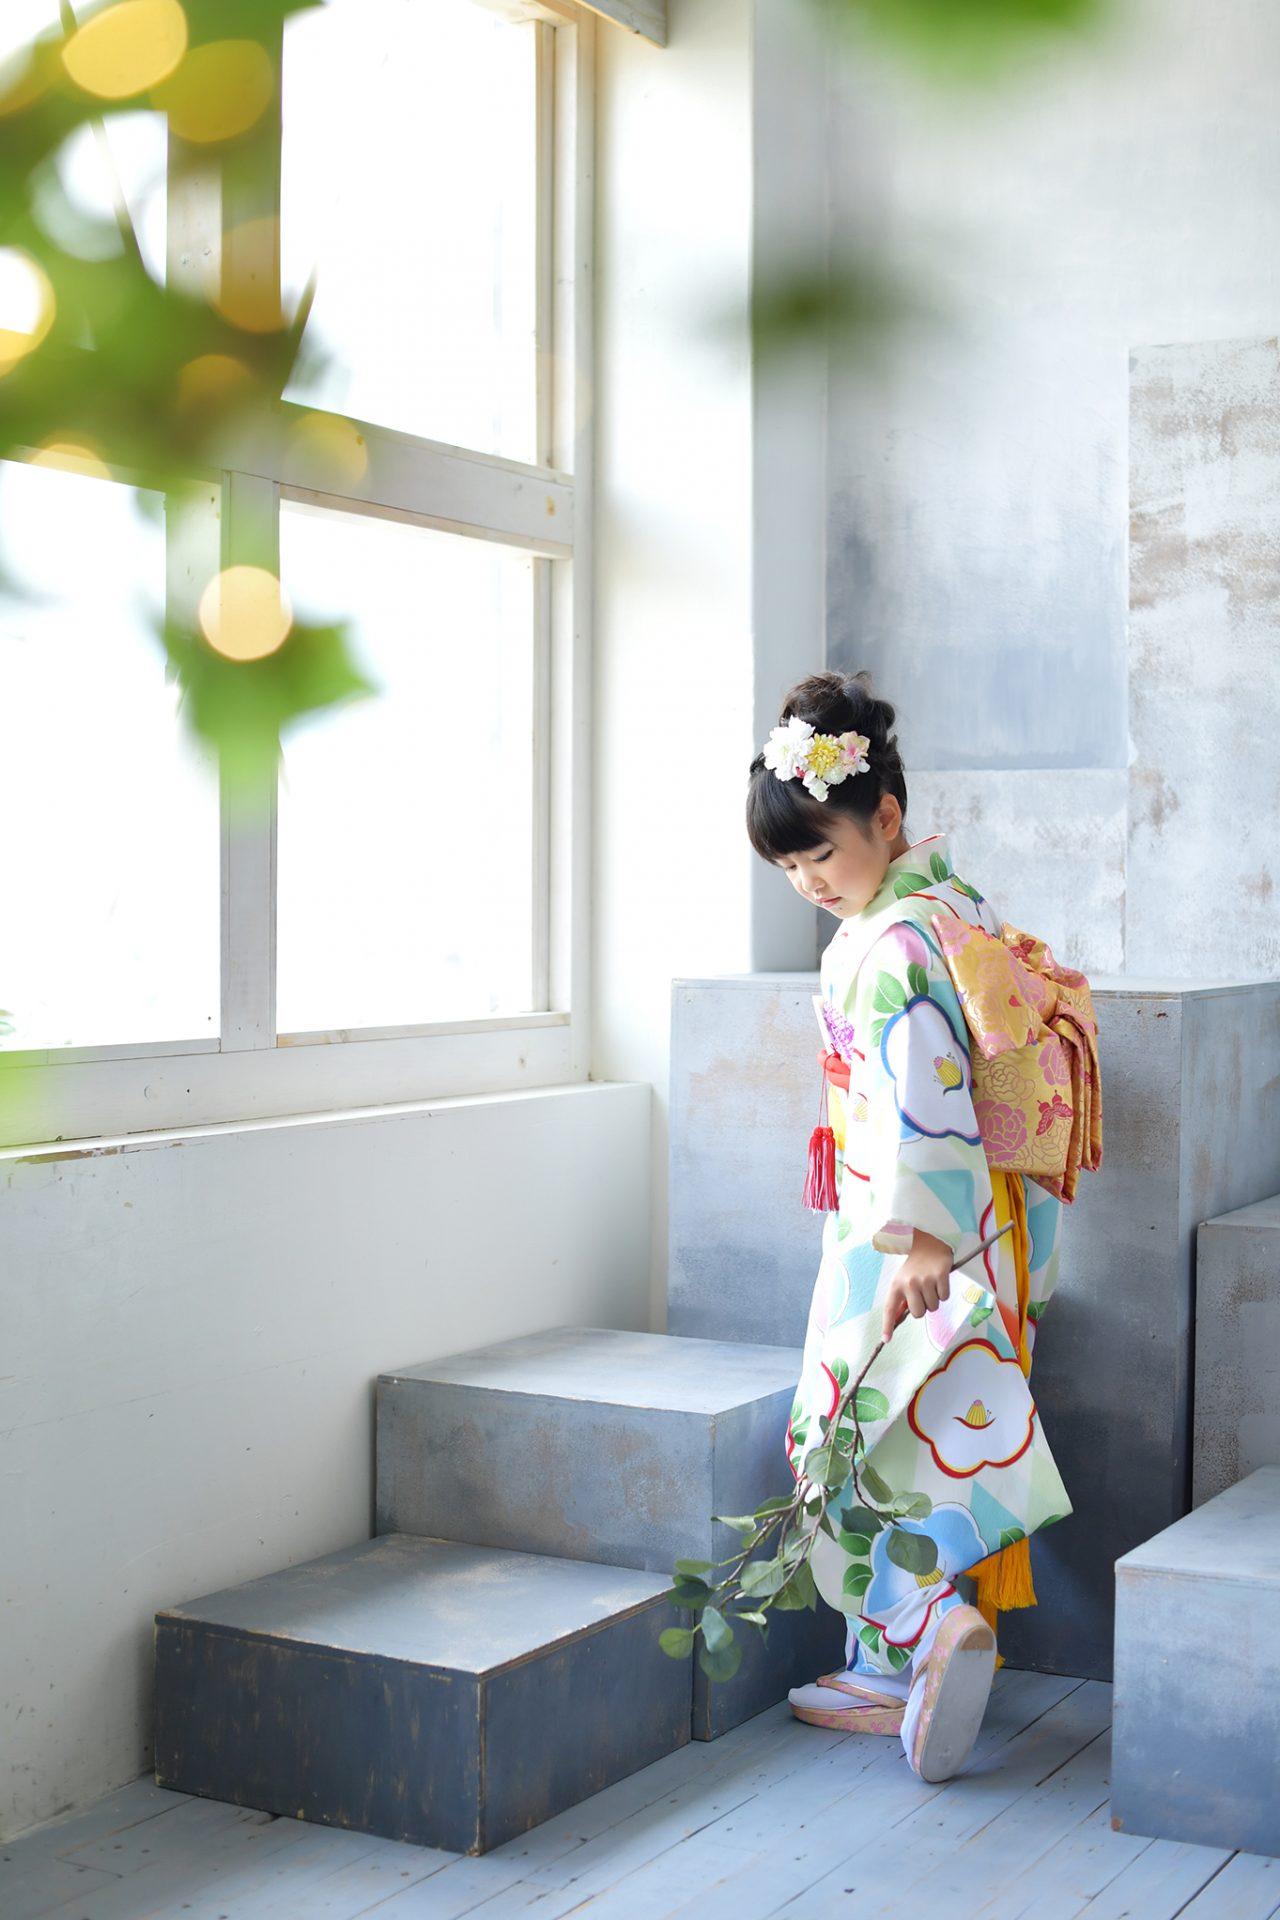 7歳女の子 水色の着物